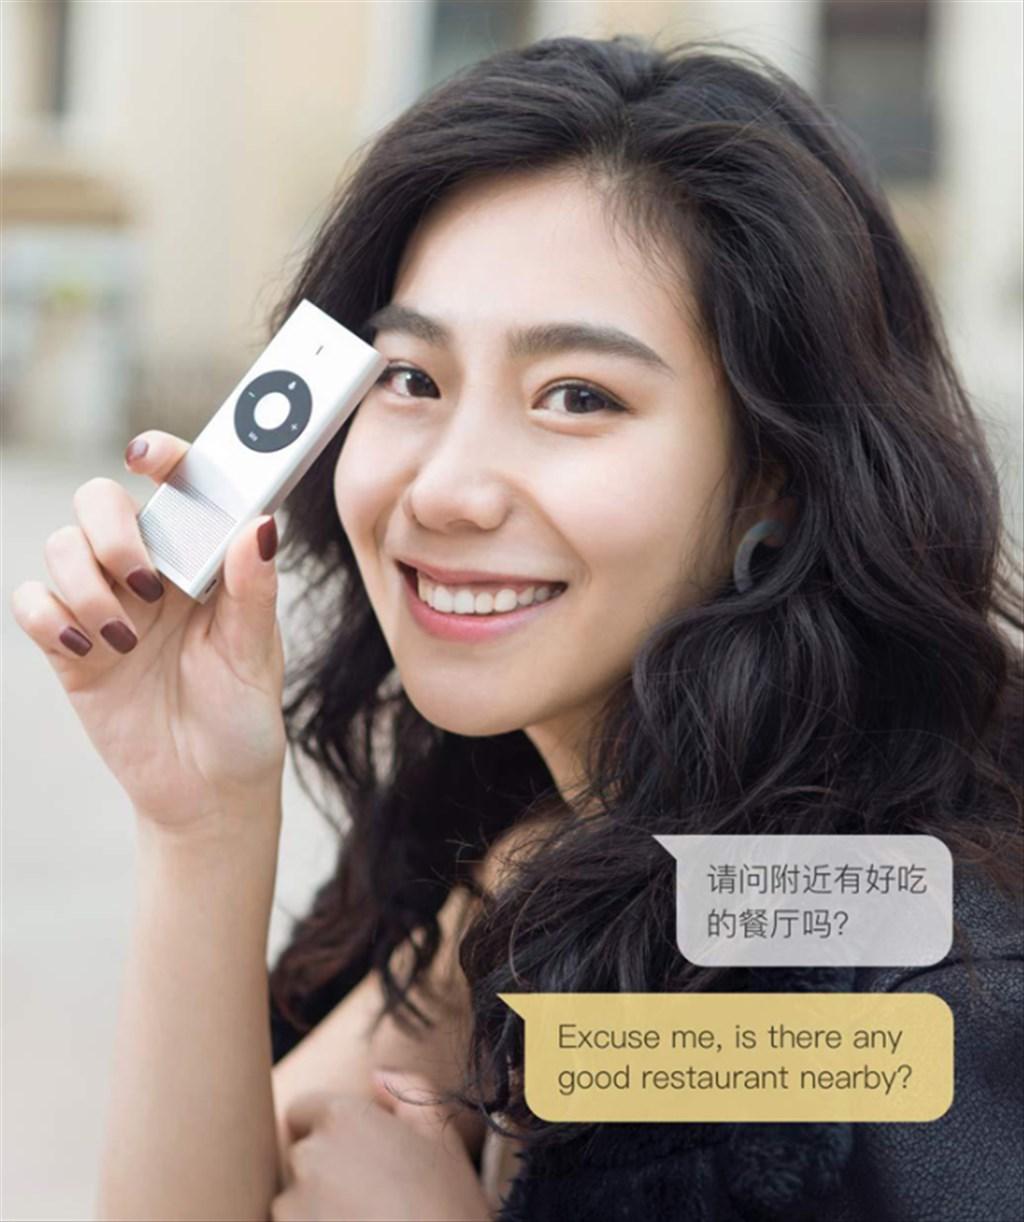 【安っ38.99ドル!】Xiaomiが日本語/英語含む14カ国語対応「ポータブル翻訳機 MY001CN」発売!価格も52ドルとリーズナブル